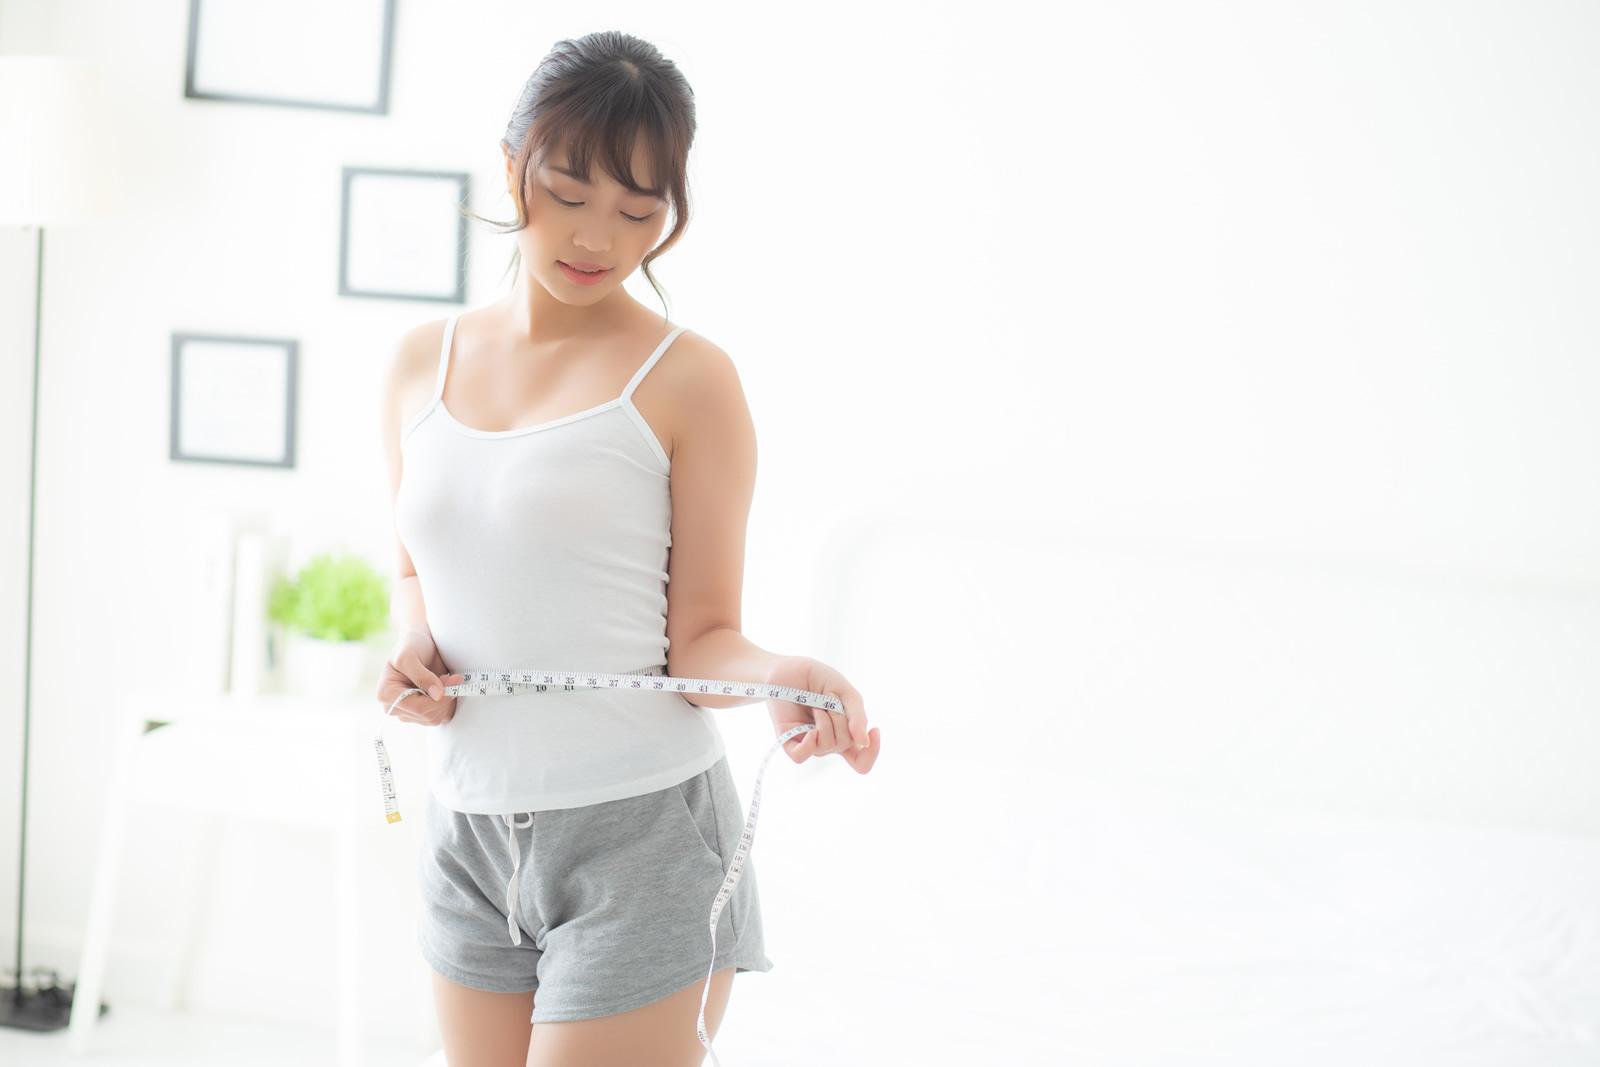 Dieta prevenzione cellulite